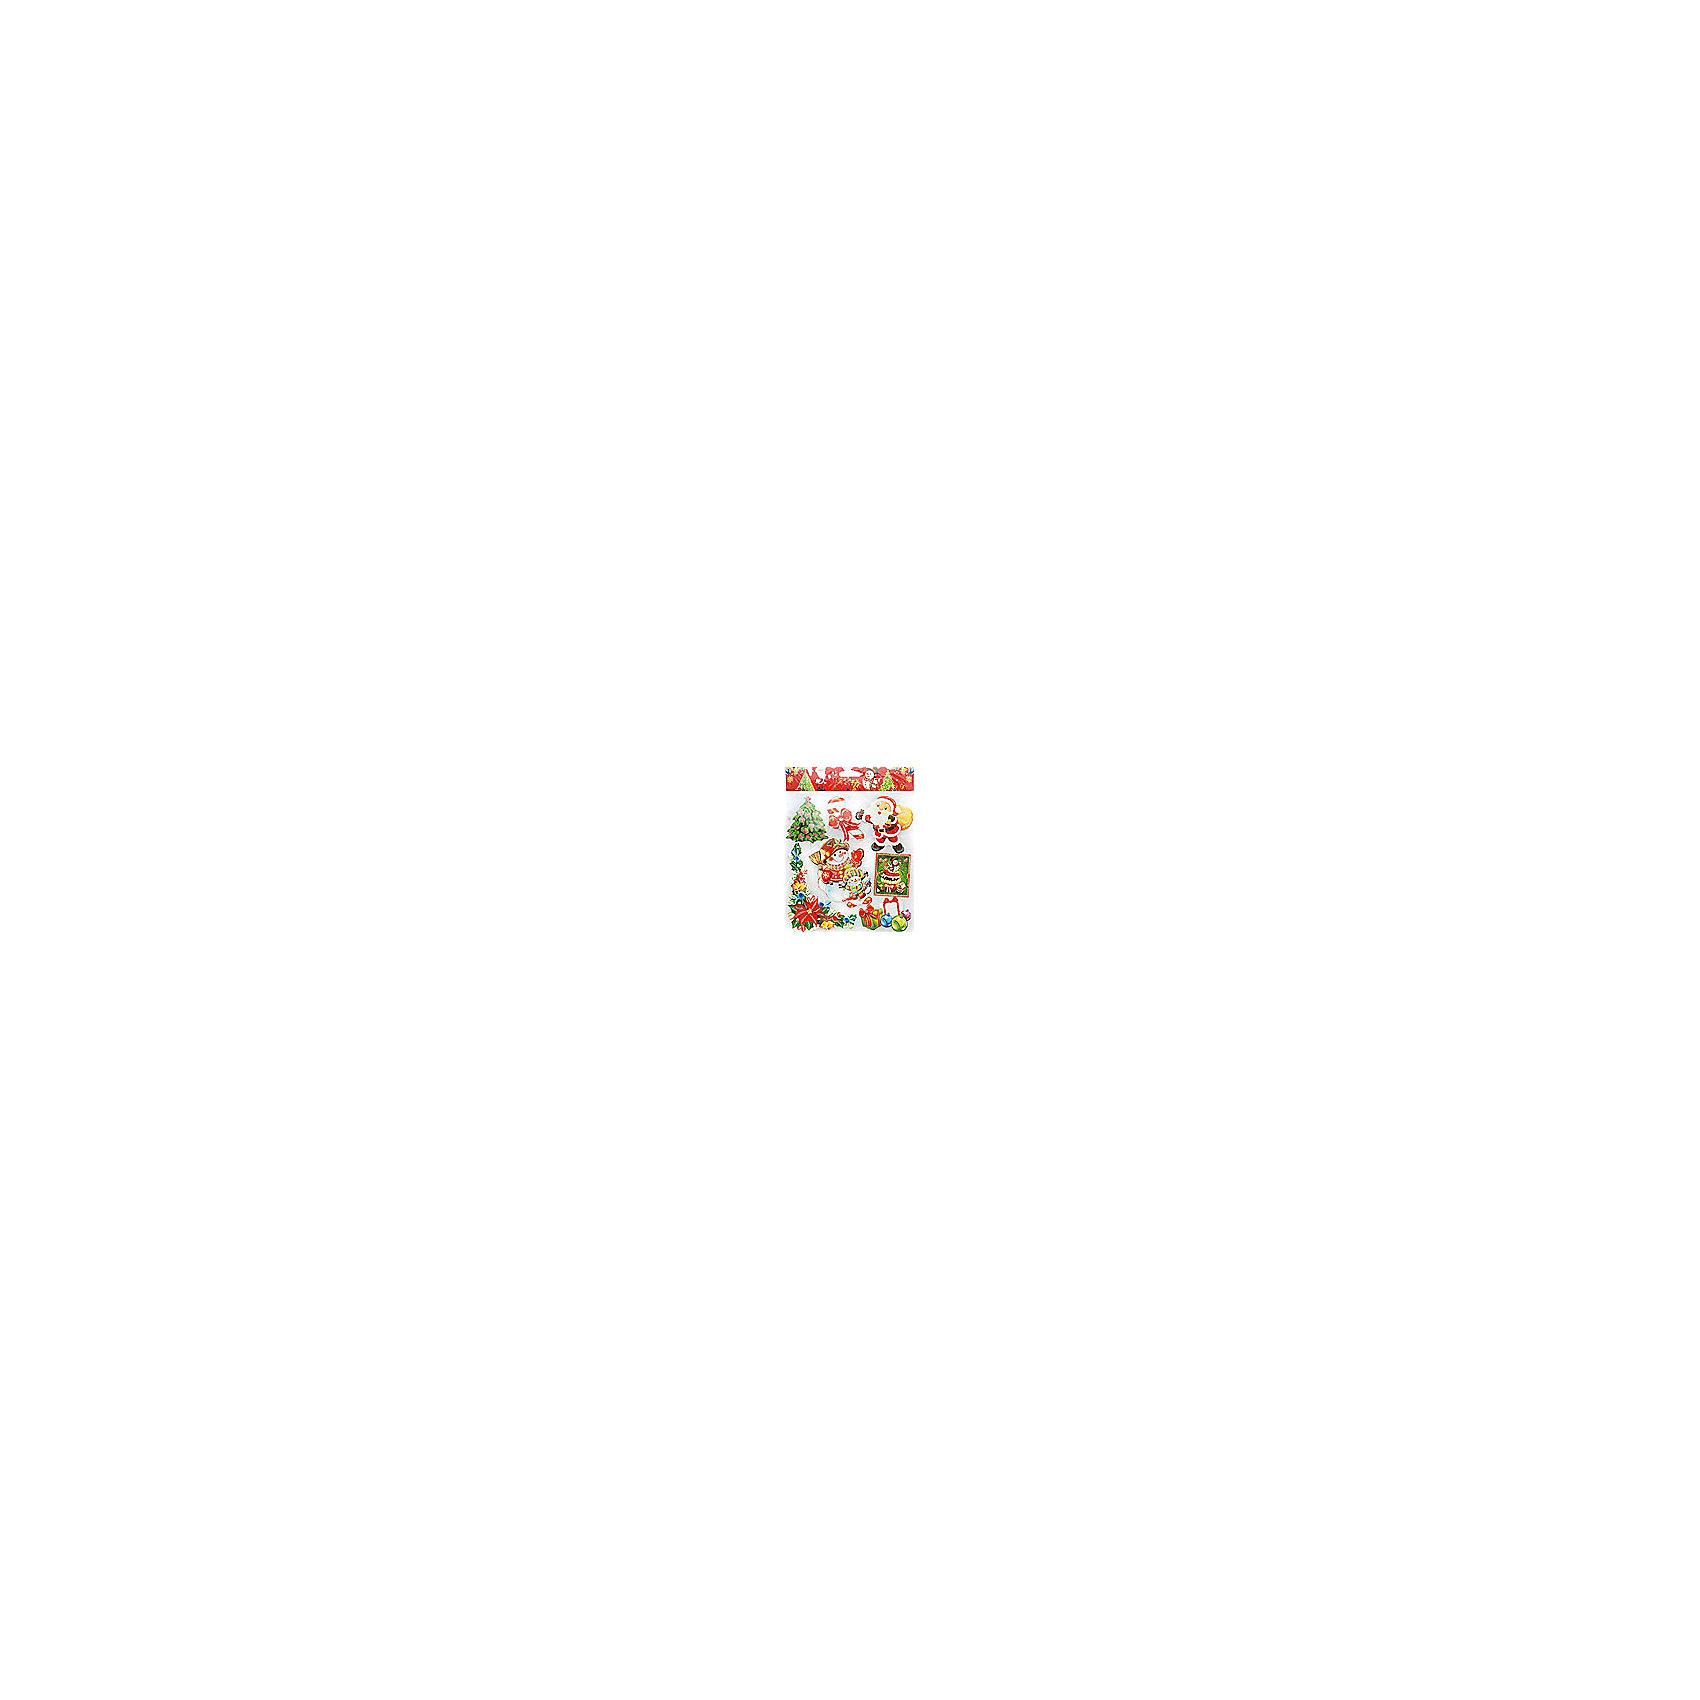 Белоснежка Скрапбукинг-набор стикеров Снеговики снеговики световые feron 32x23x57 см lt102 26966